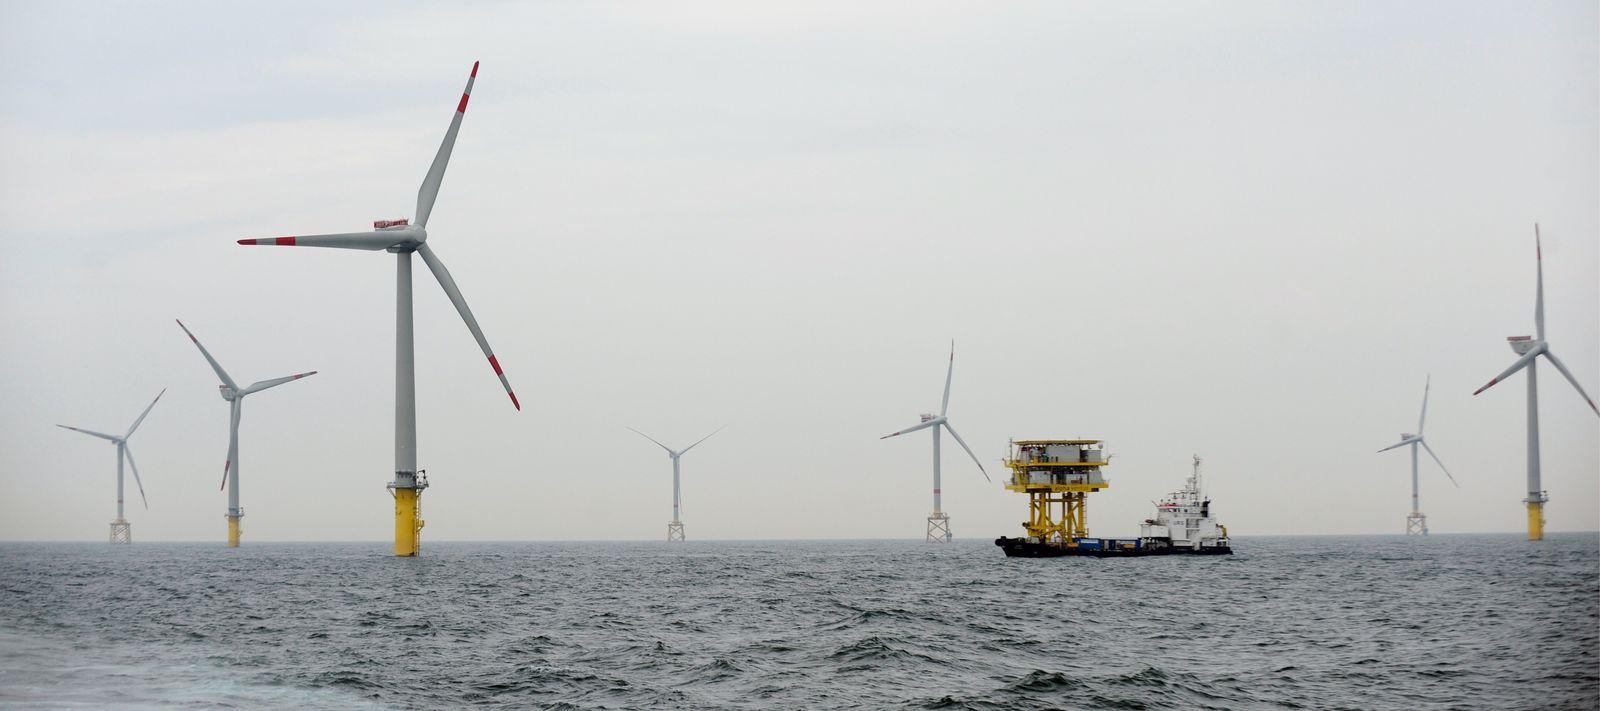 NICHT VERWENDEN Energie/Offshore/Windkraft/Windpark